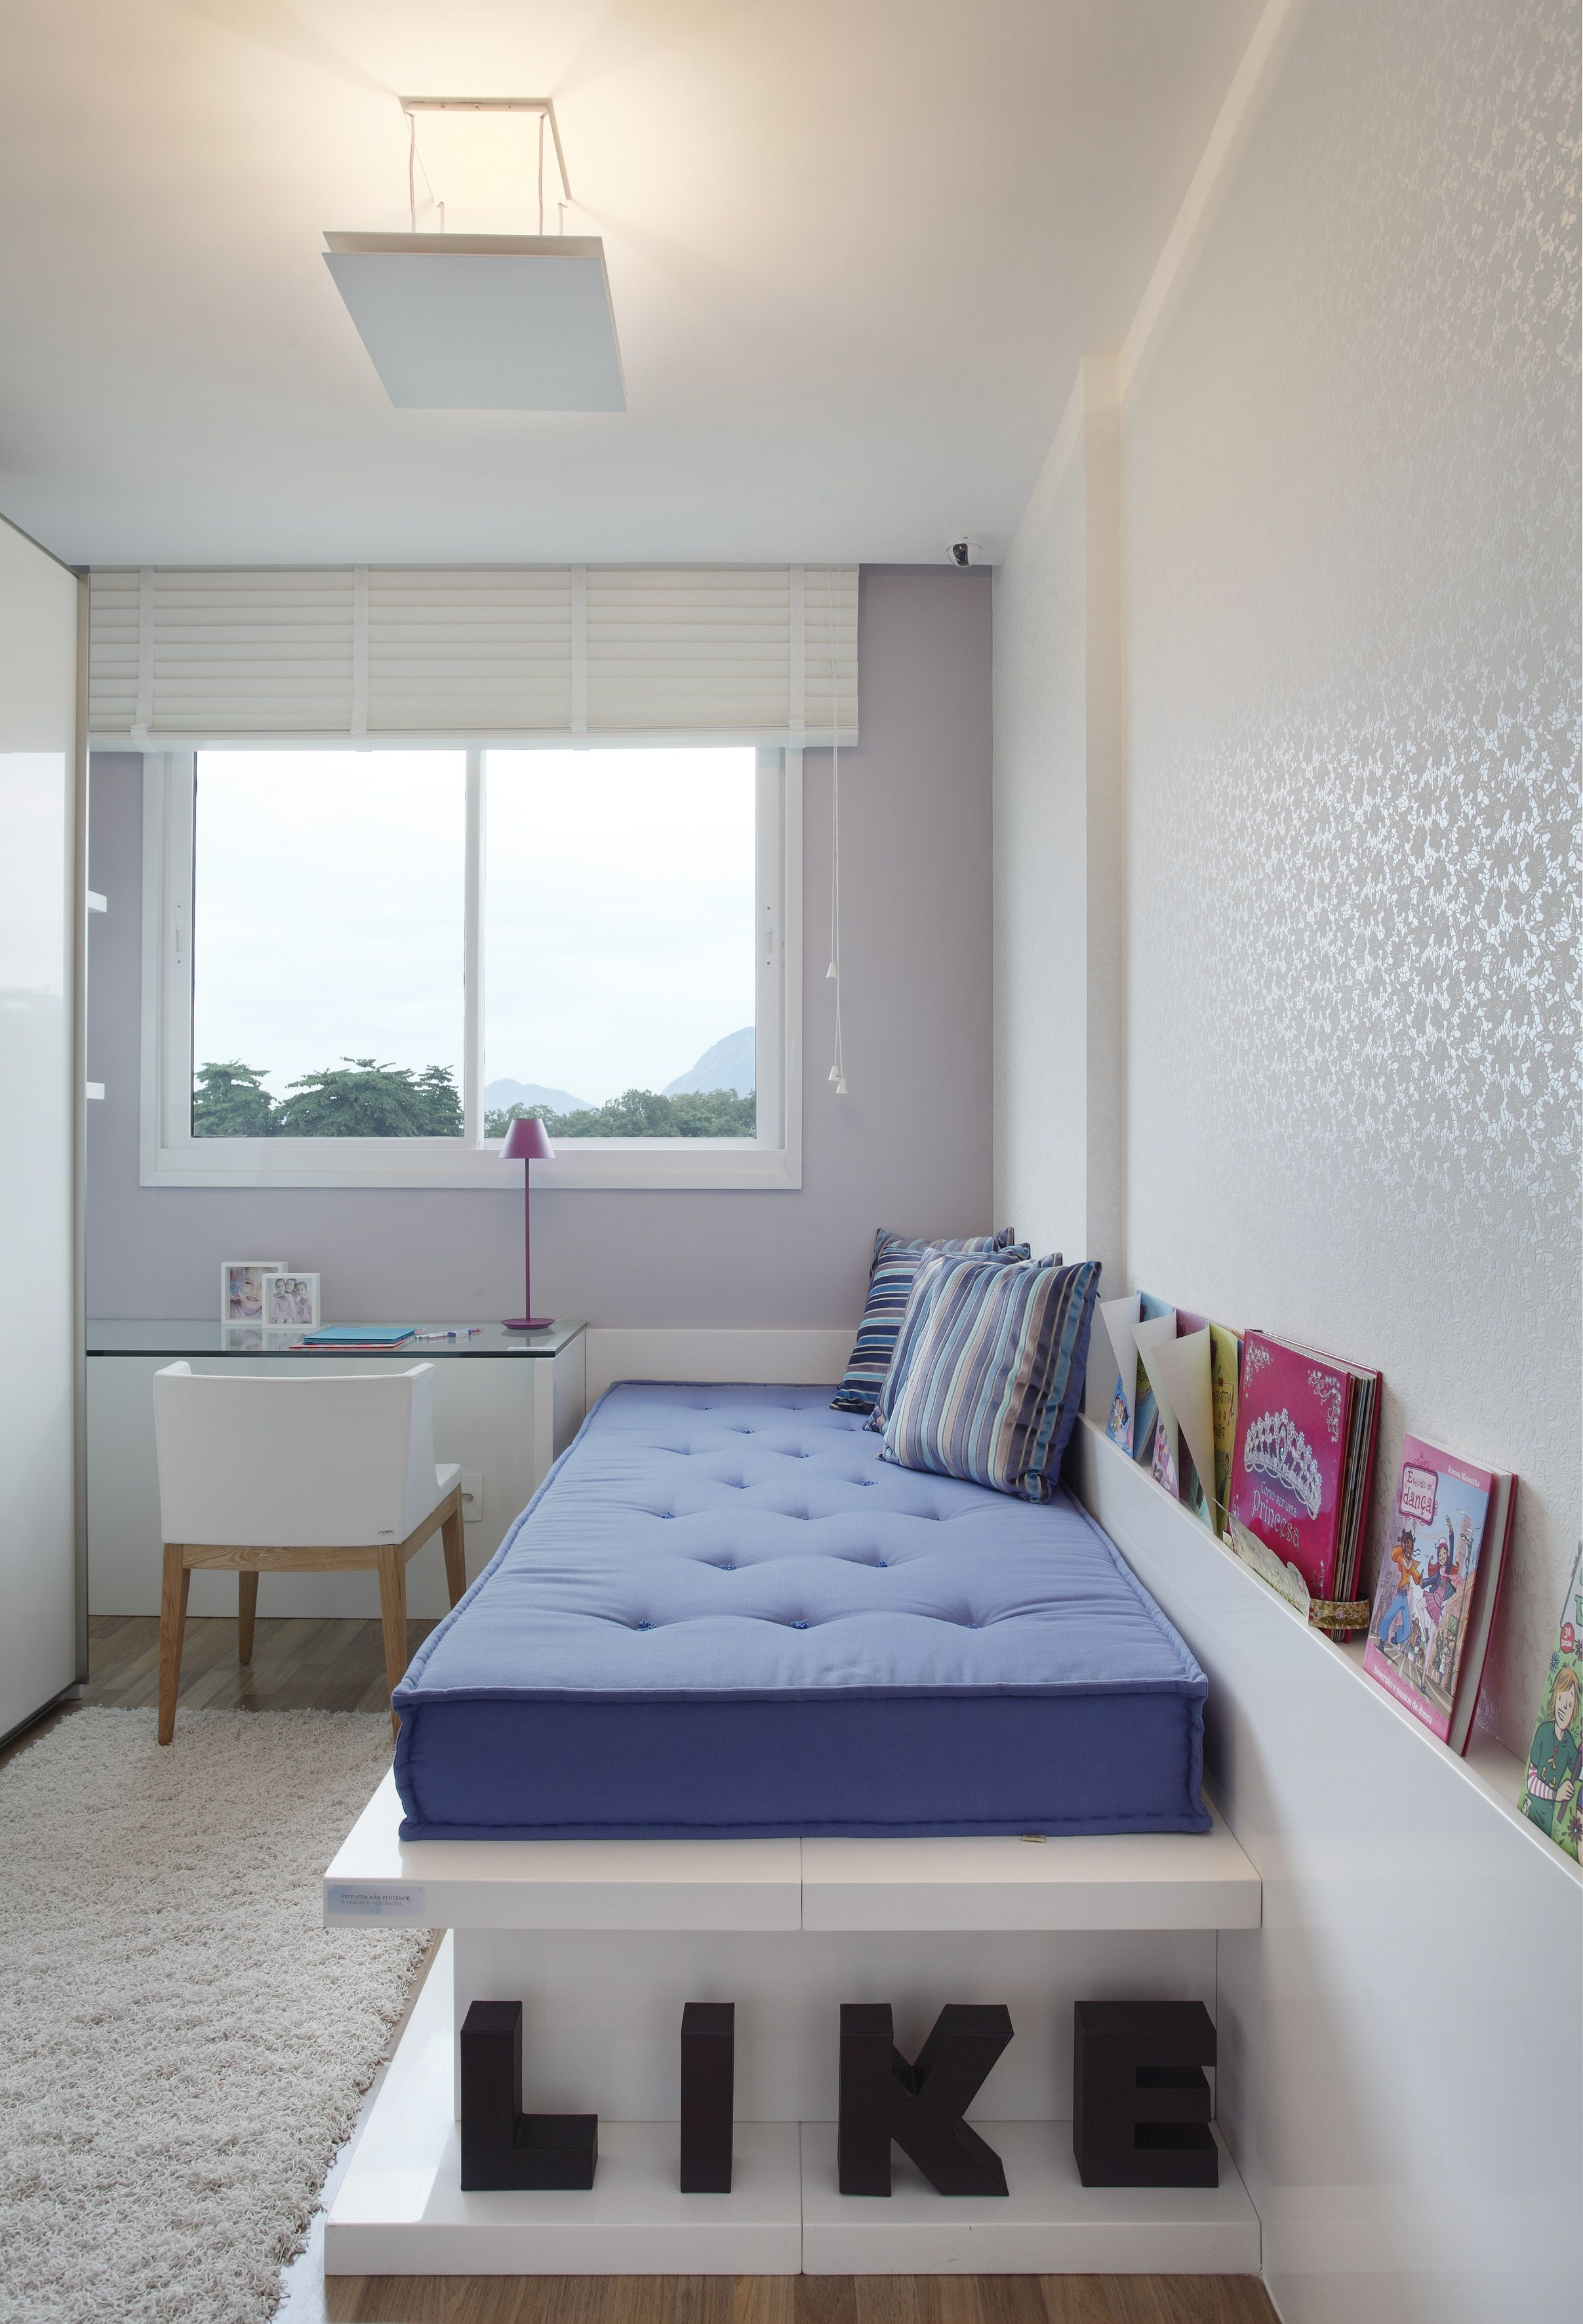 Apartamento Decorado Odebrecht 2 Projeto Yamagata Arquitetura  ~ Quarto Casal Decorado Pequeno E Quarto De Menino Pequeno